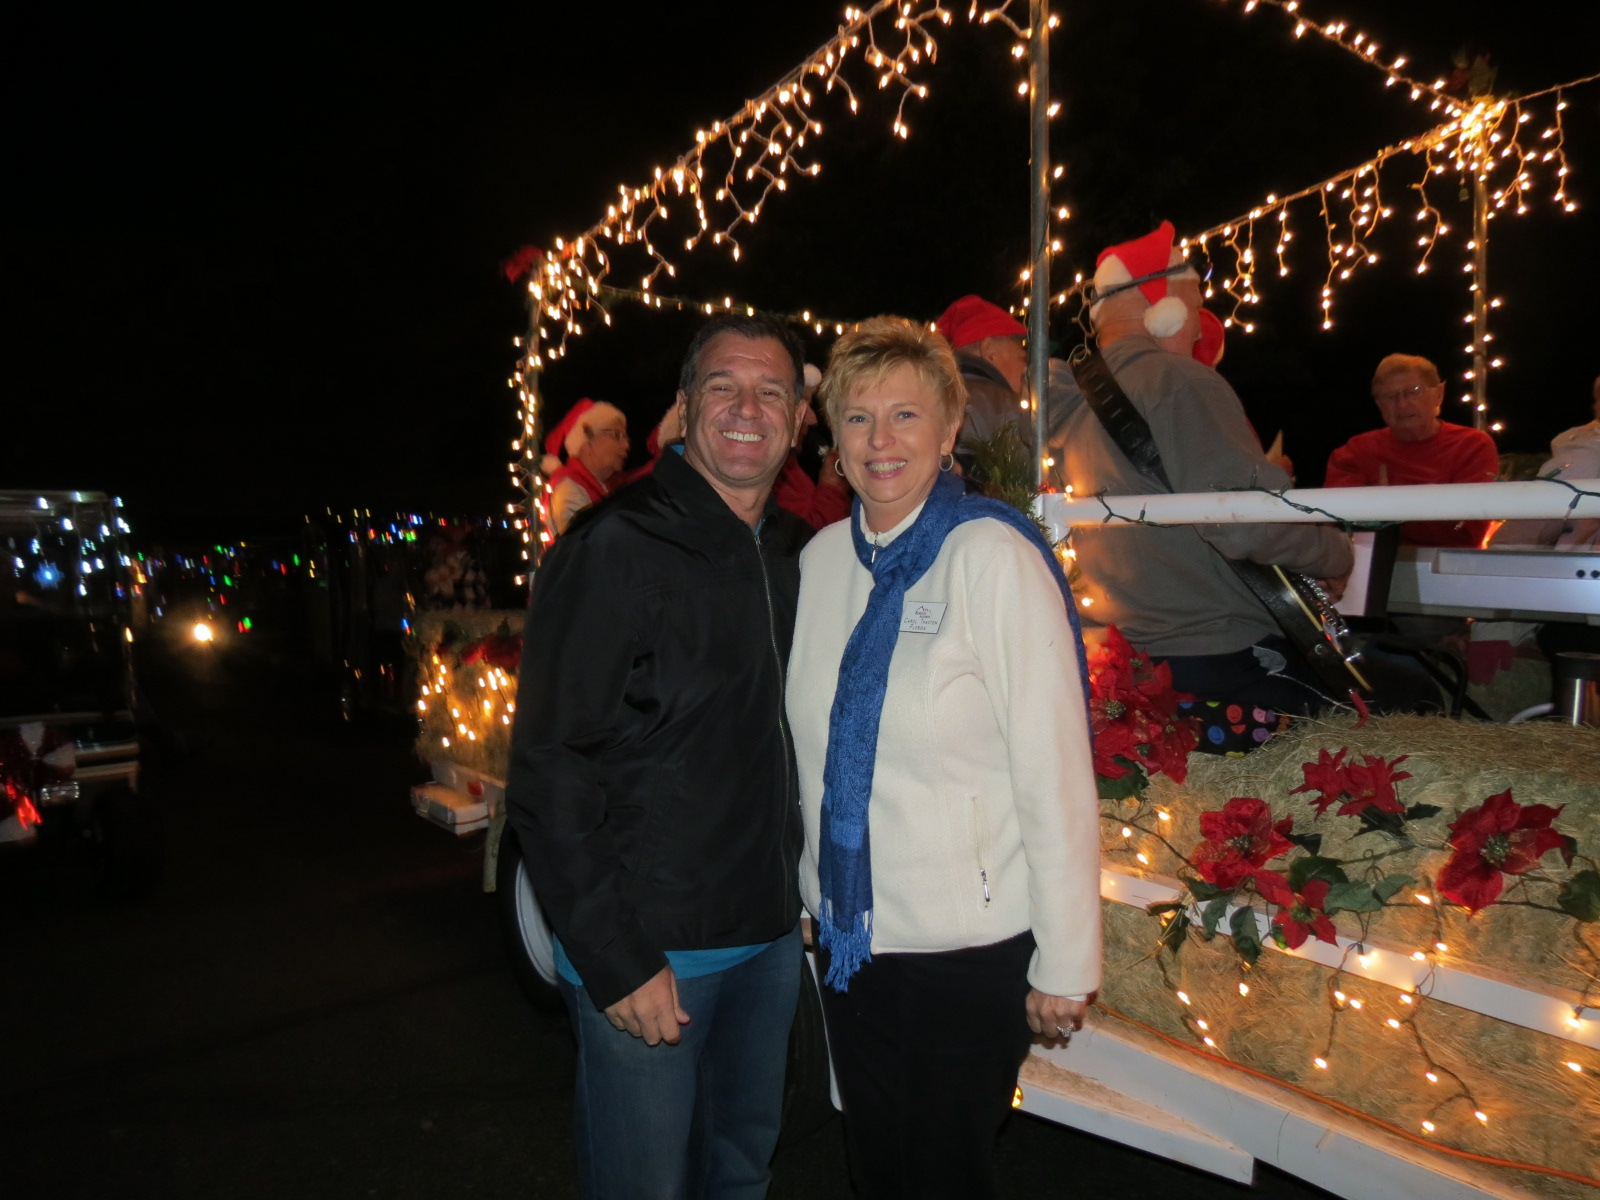 Lee & Carol caroling at parade